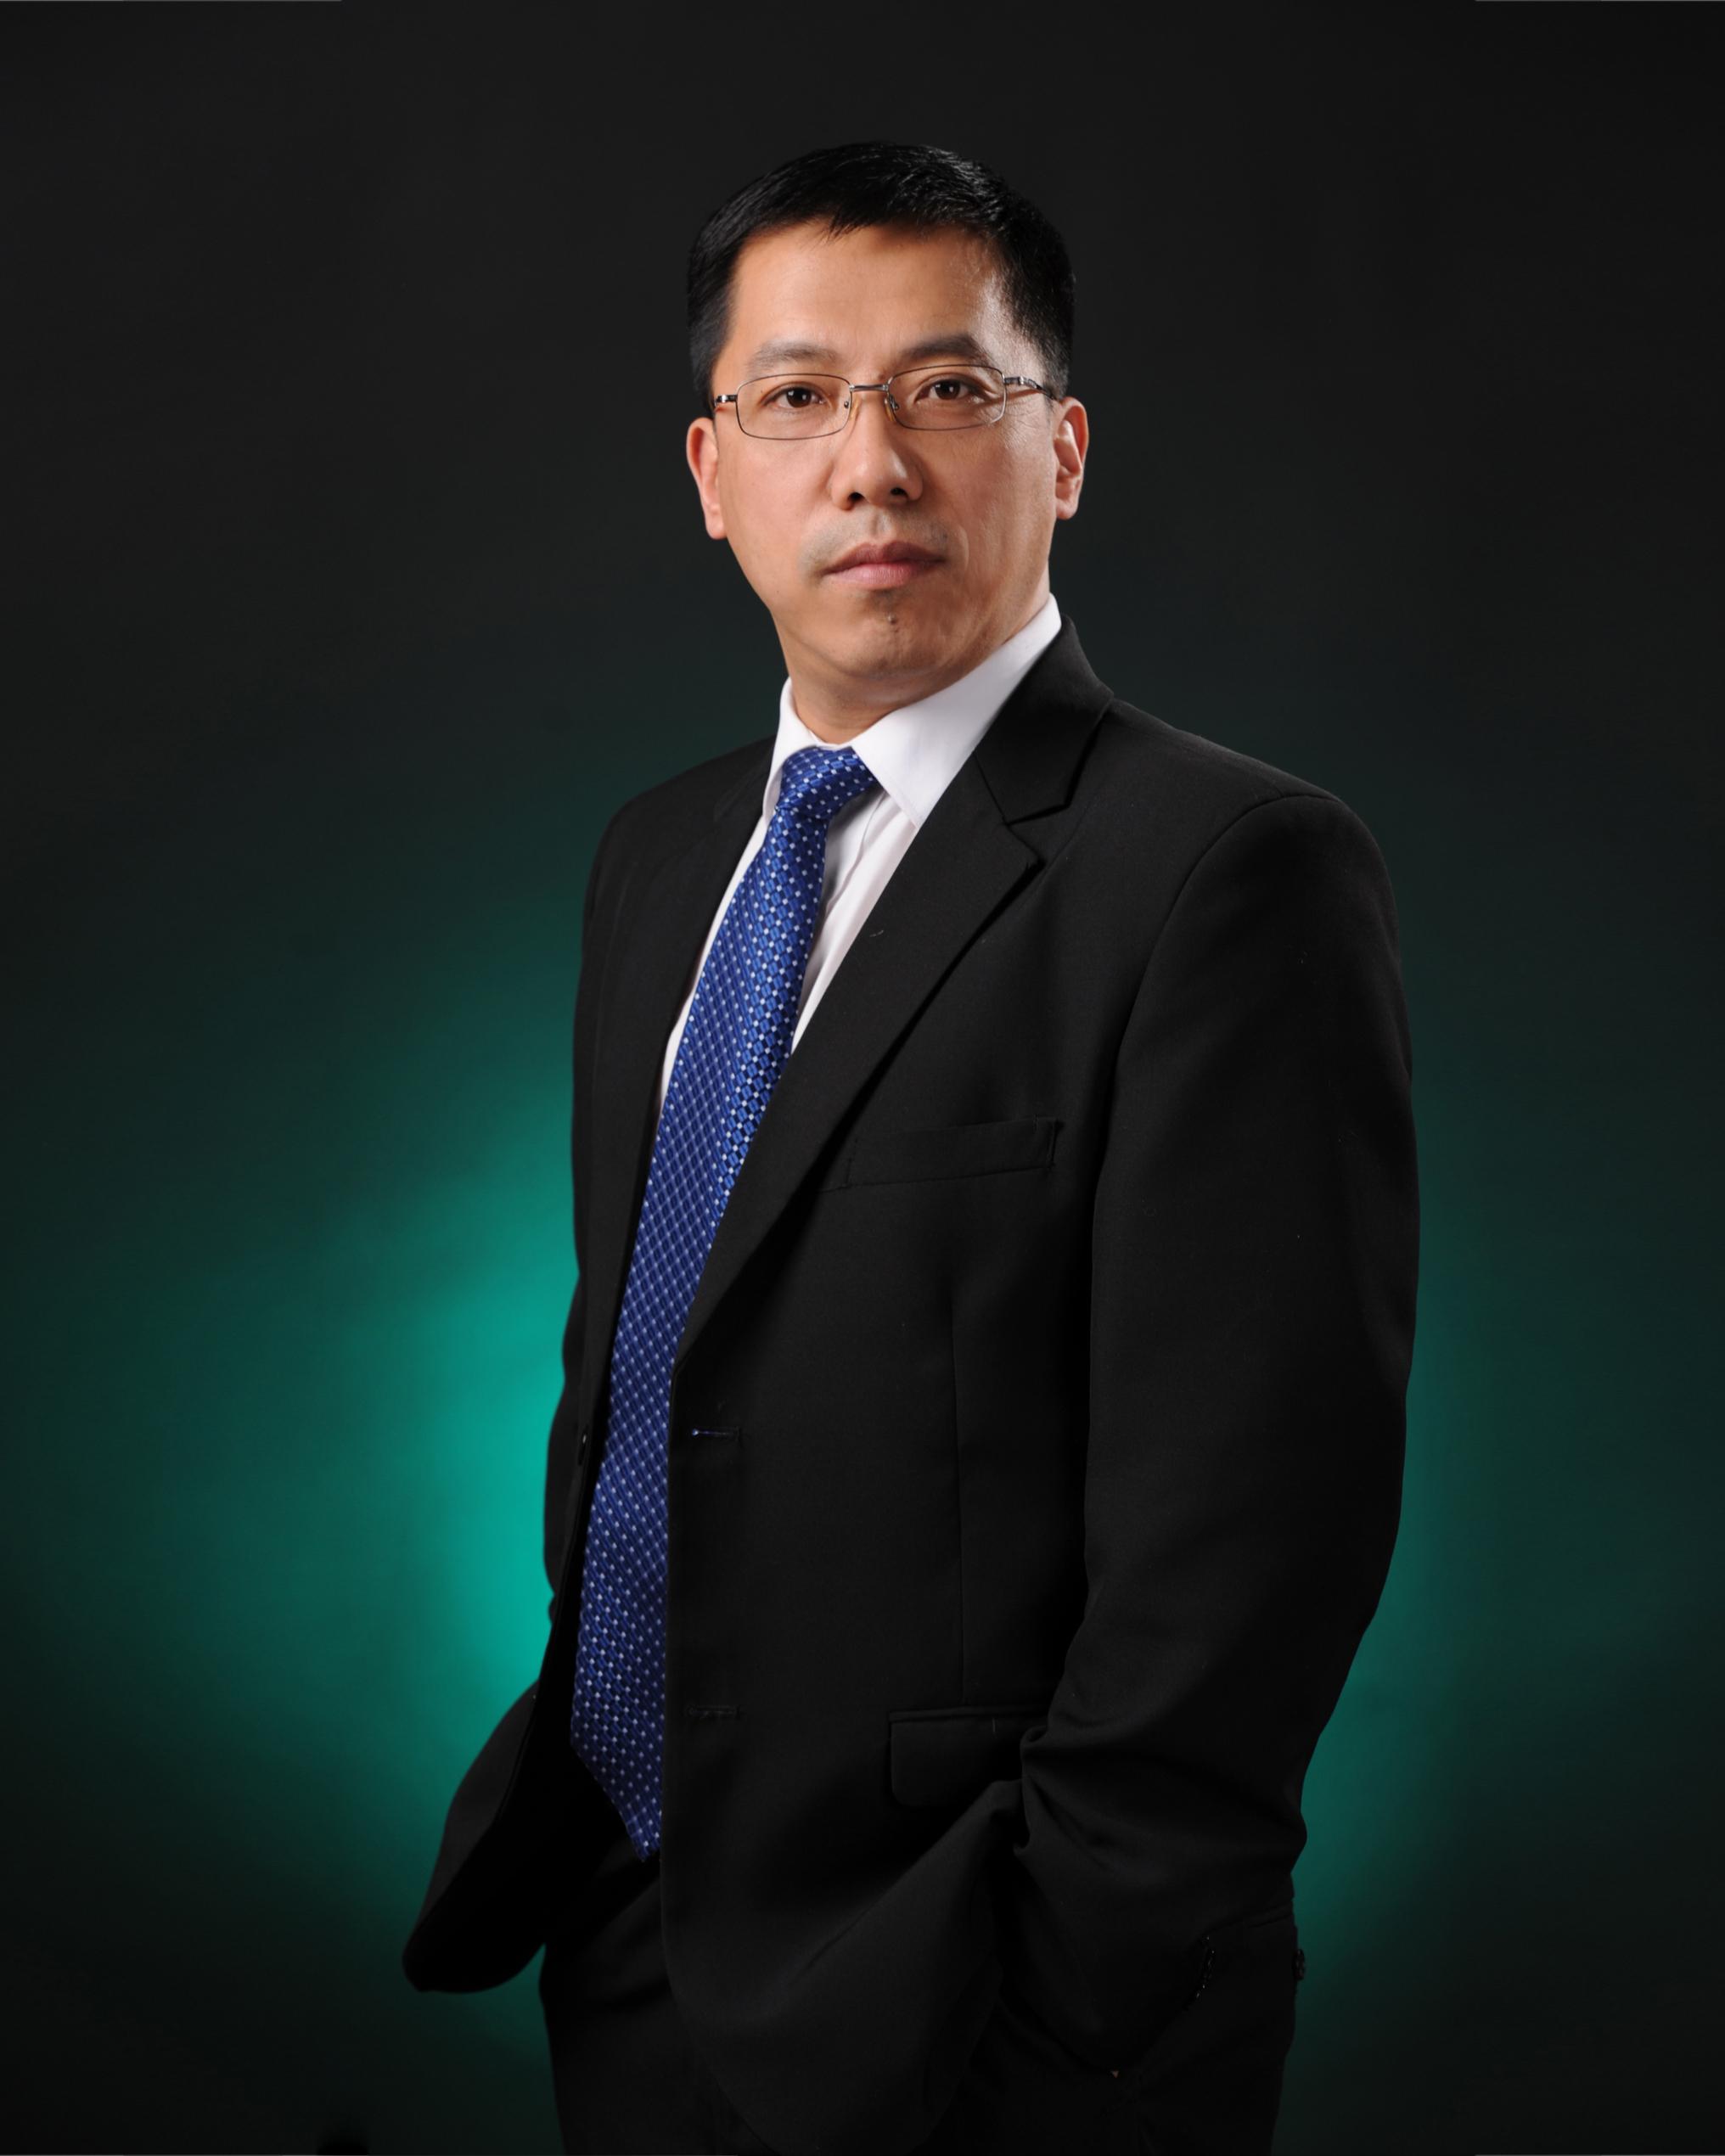 Xizhong An